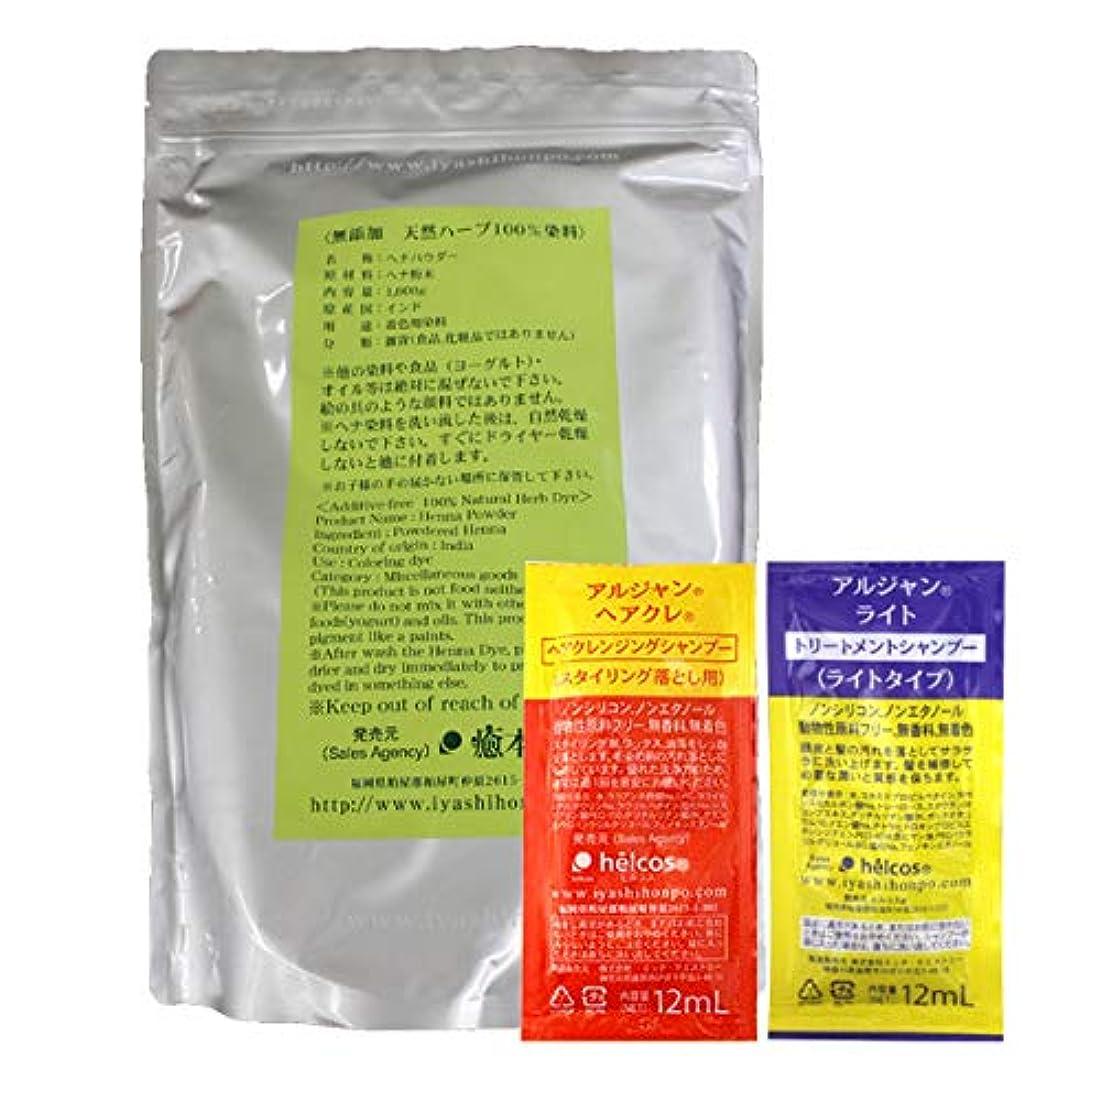 タップ定義後継白髪染め ヘナ(天然染料100%) 1,000g + シャンプー2種セット 癒本舗(ブラウン)